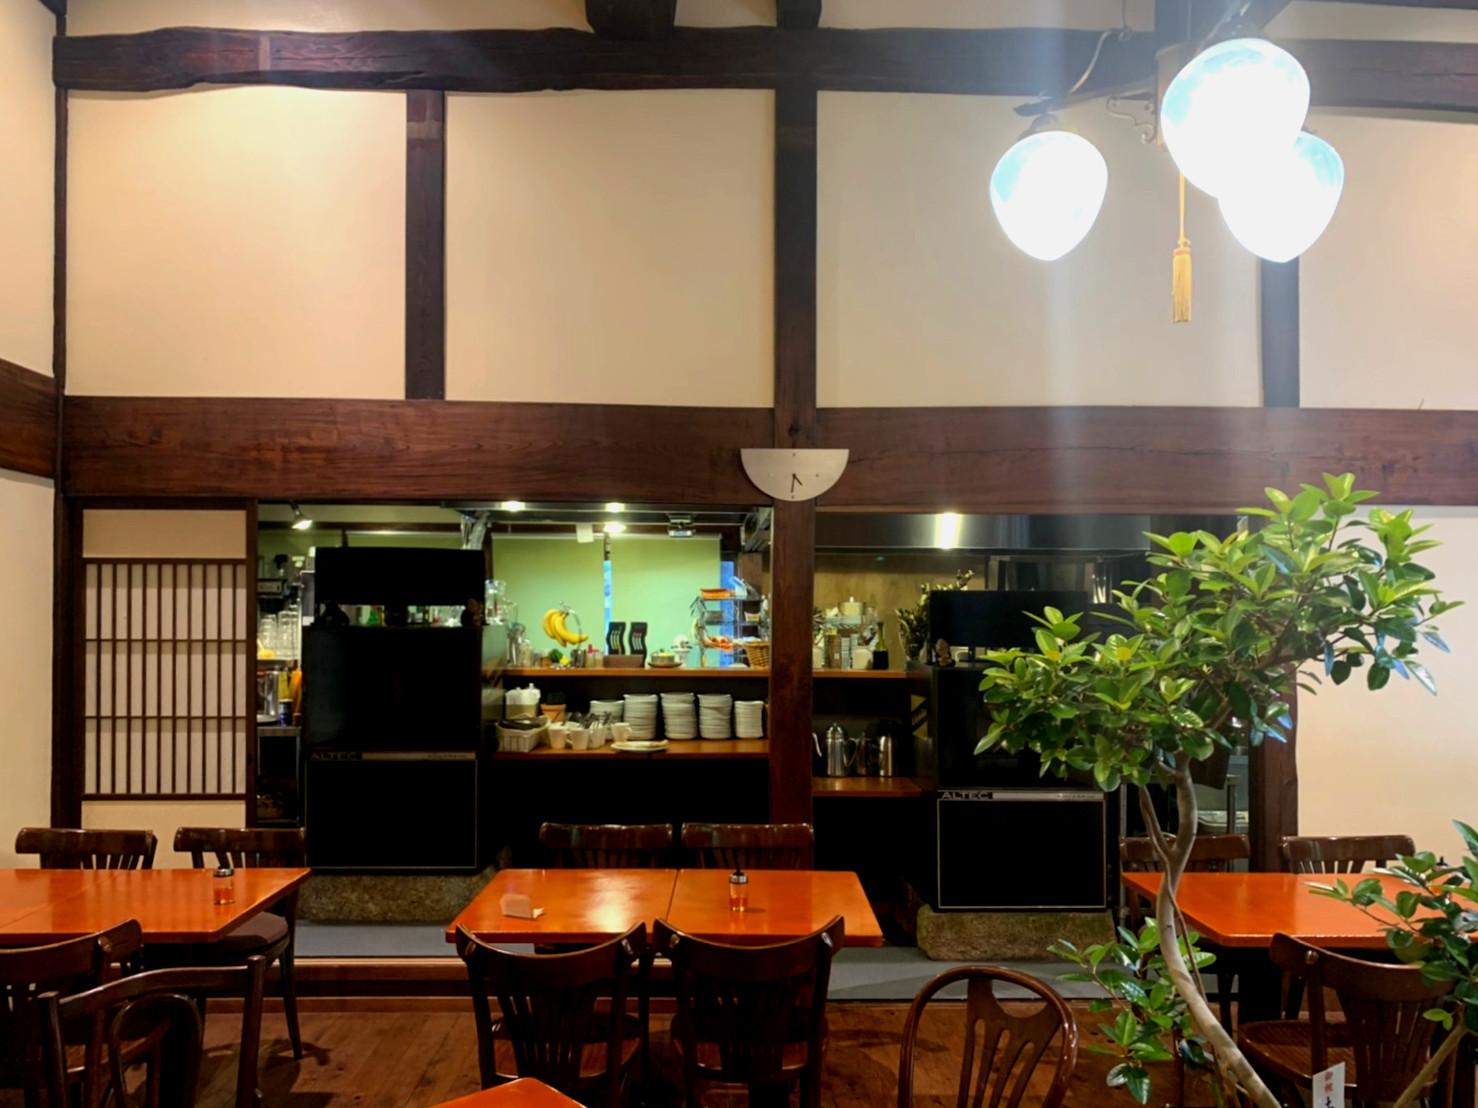 Jazz inn PAPAZ(ジャズインパパズ)(岐阜県多治見市生田町5丁目34-1)